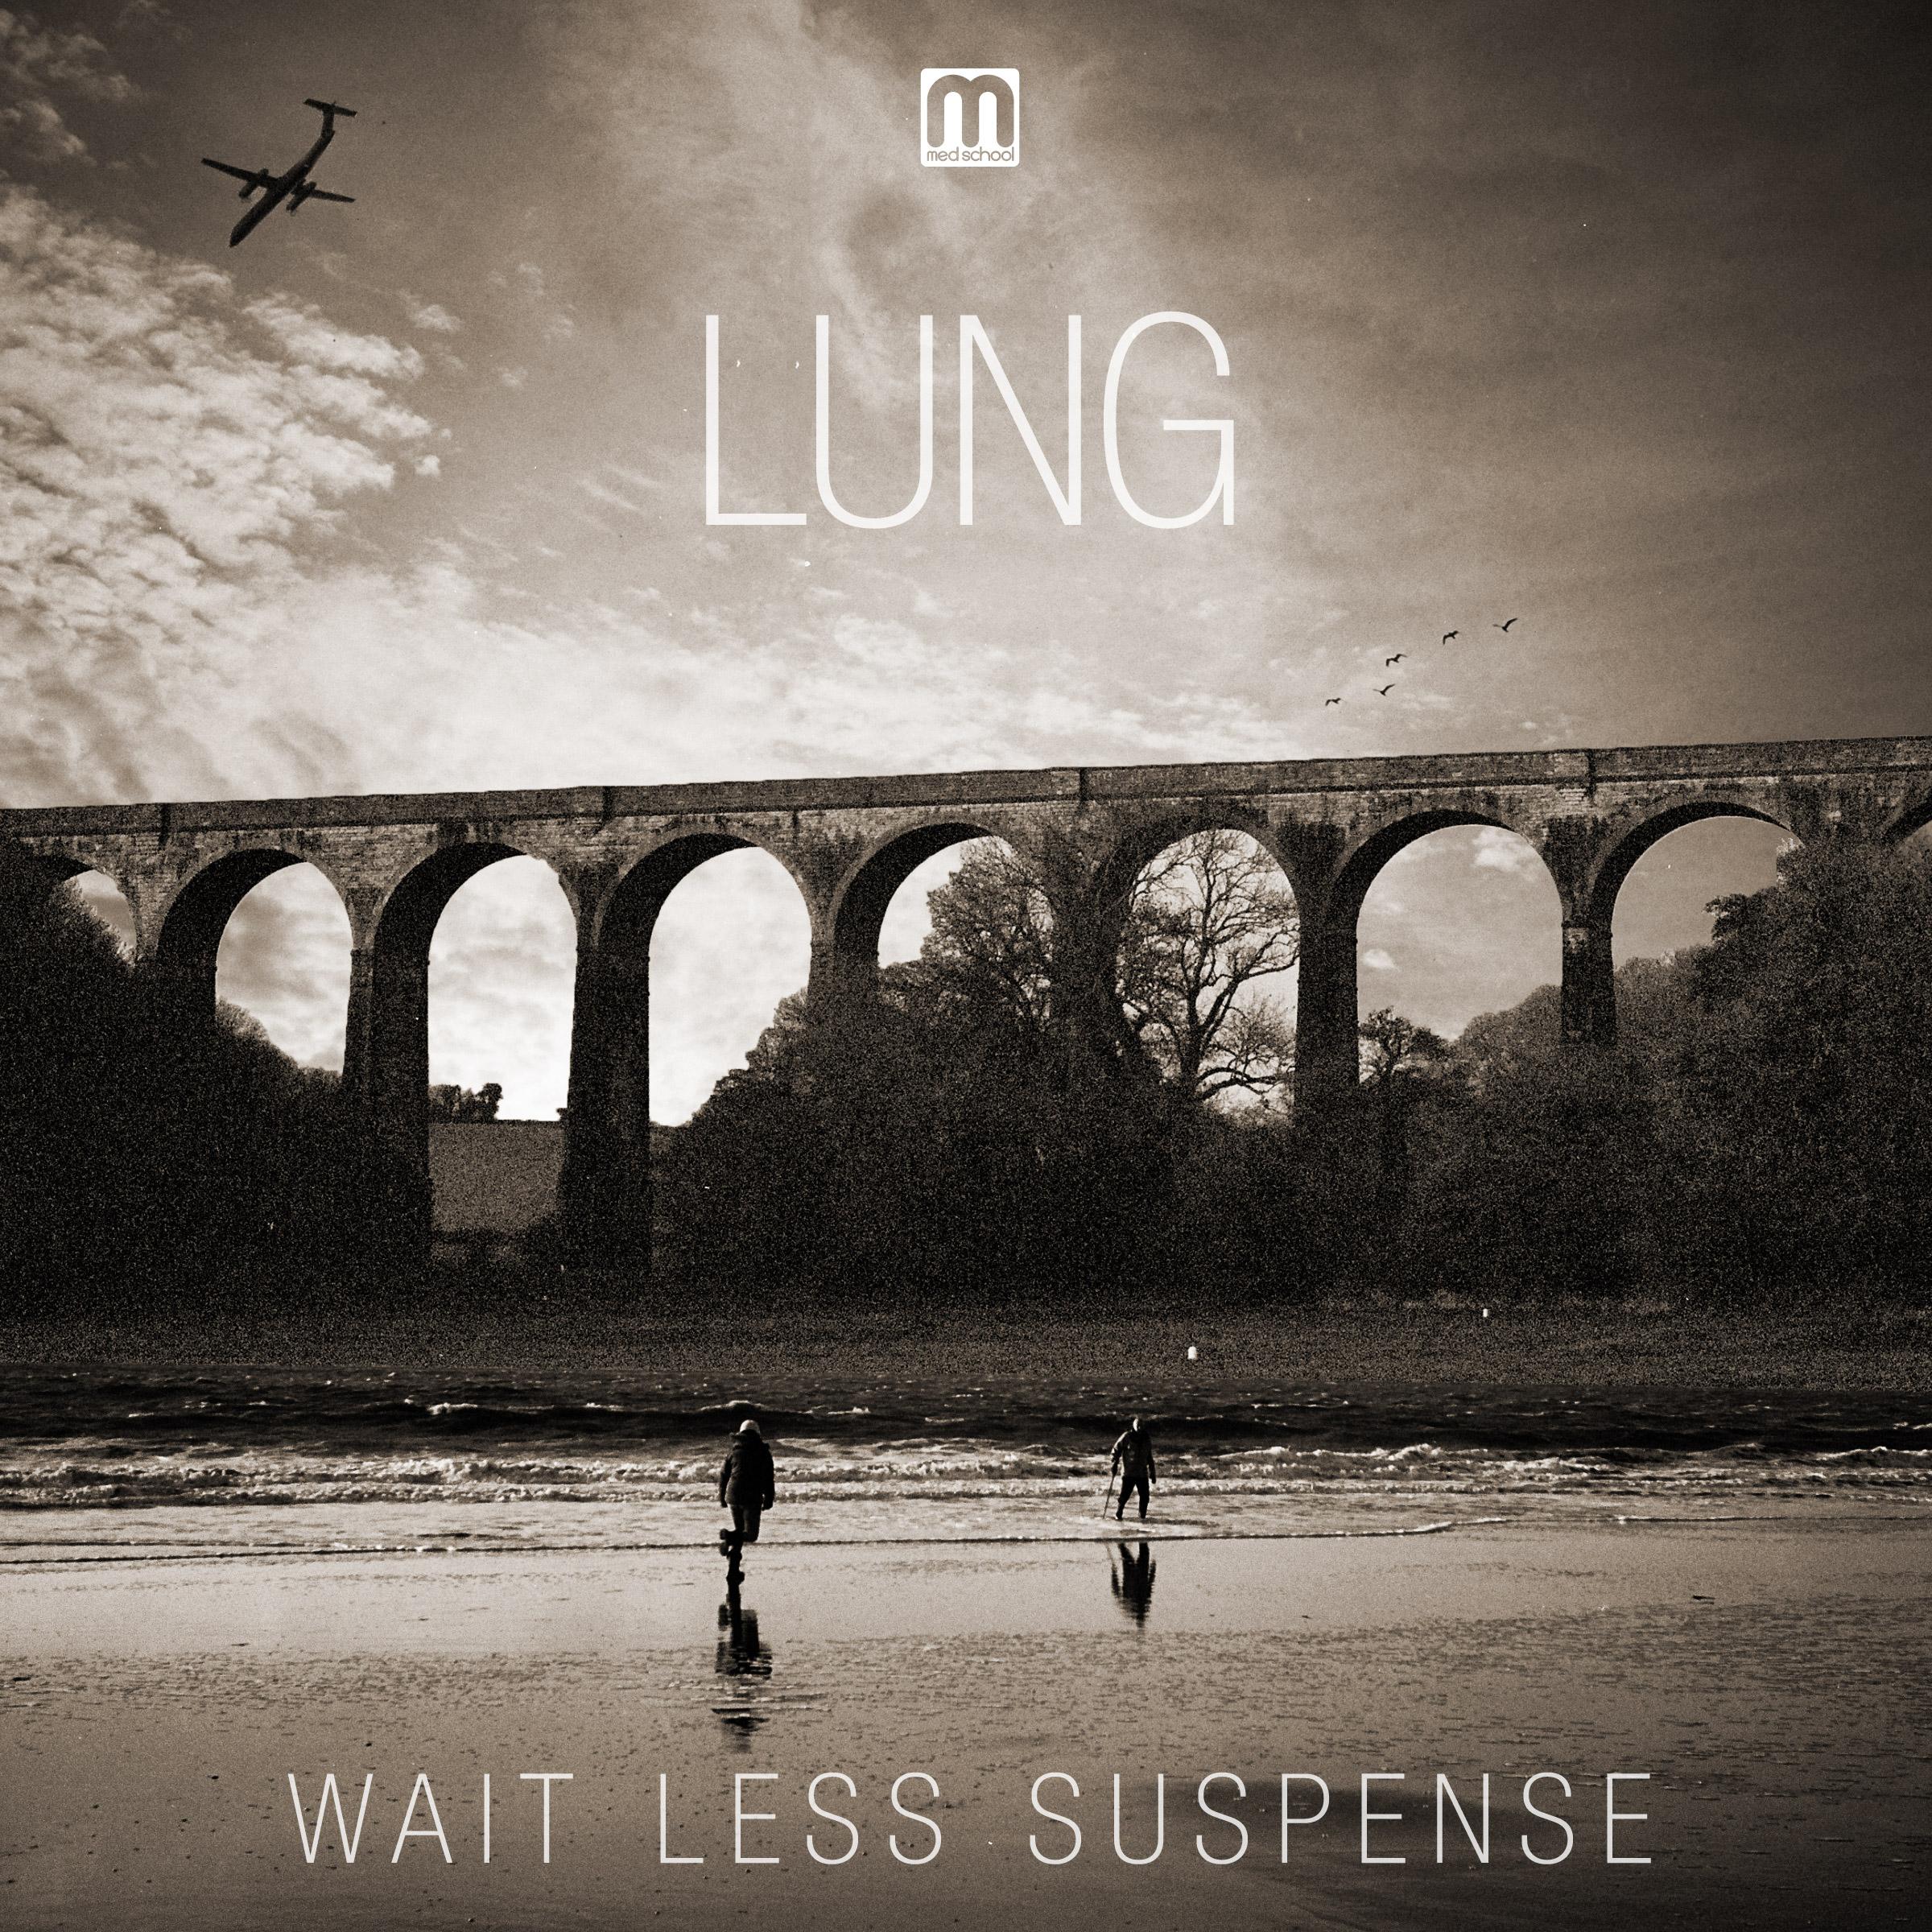 Lung/WAIT LESS SUSPENSE LP + CD